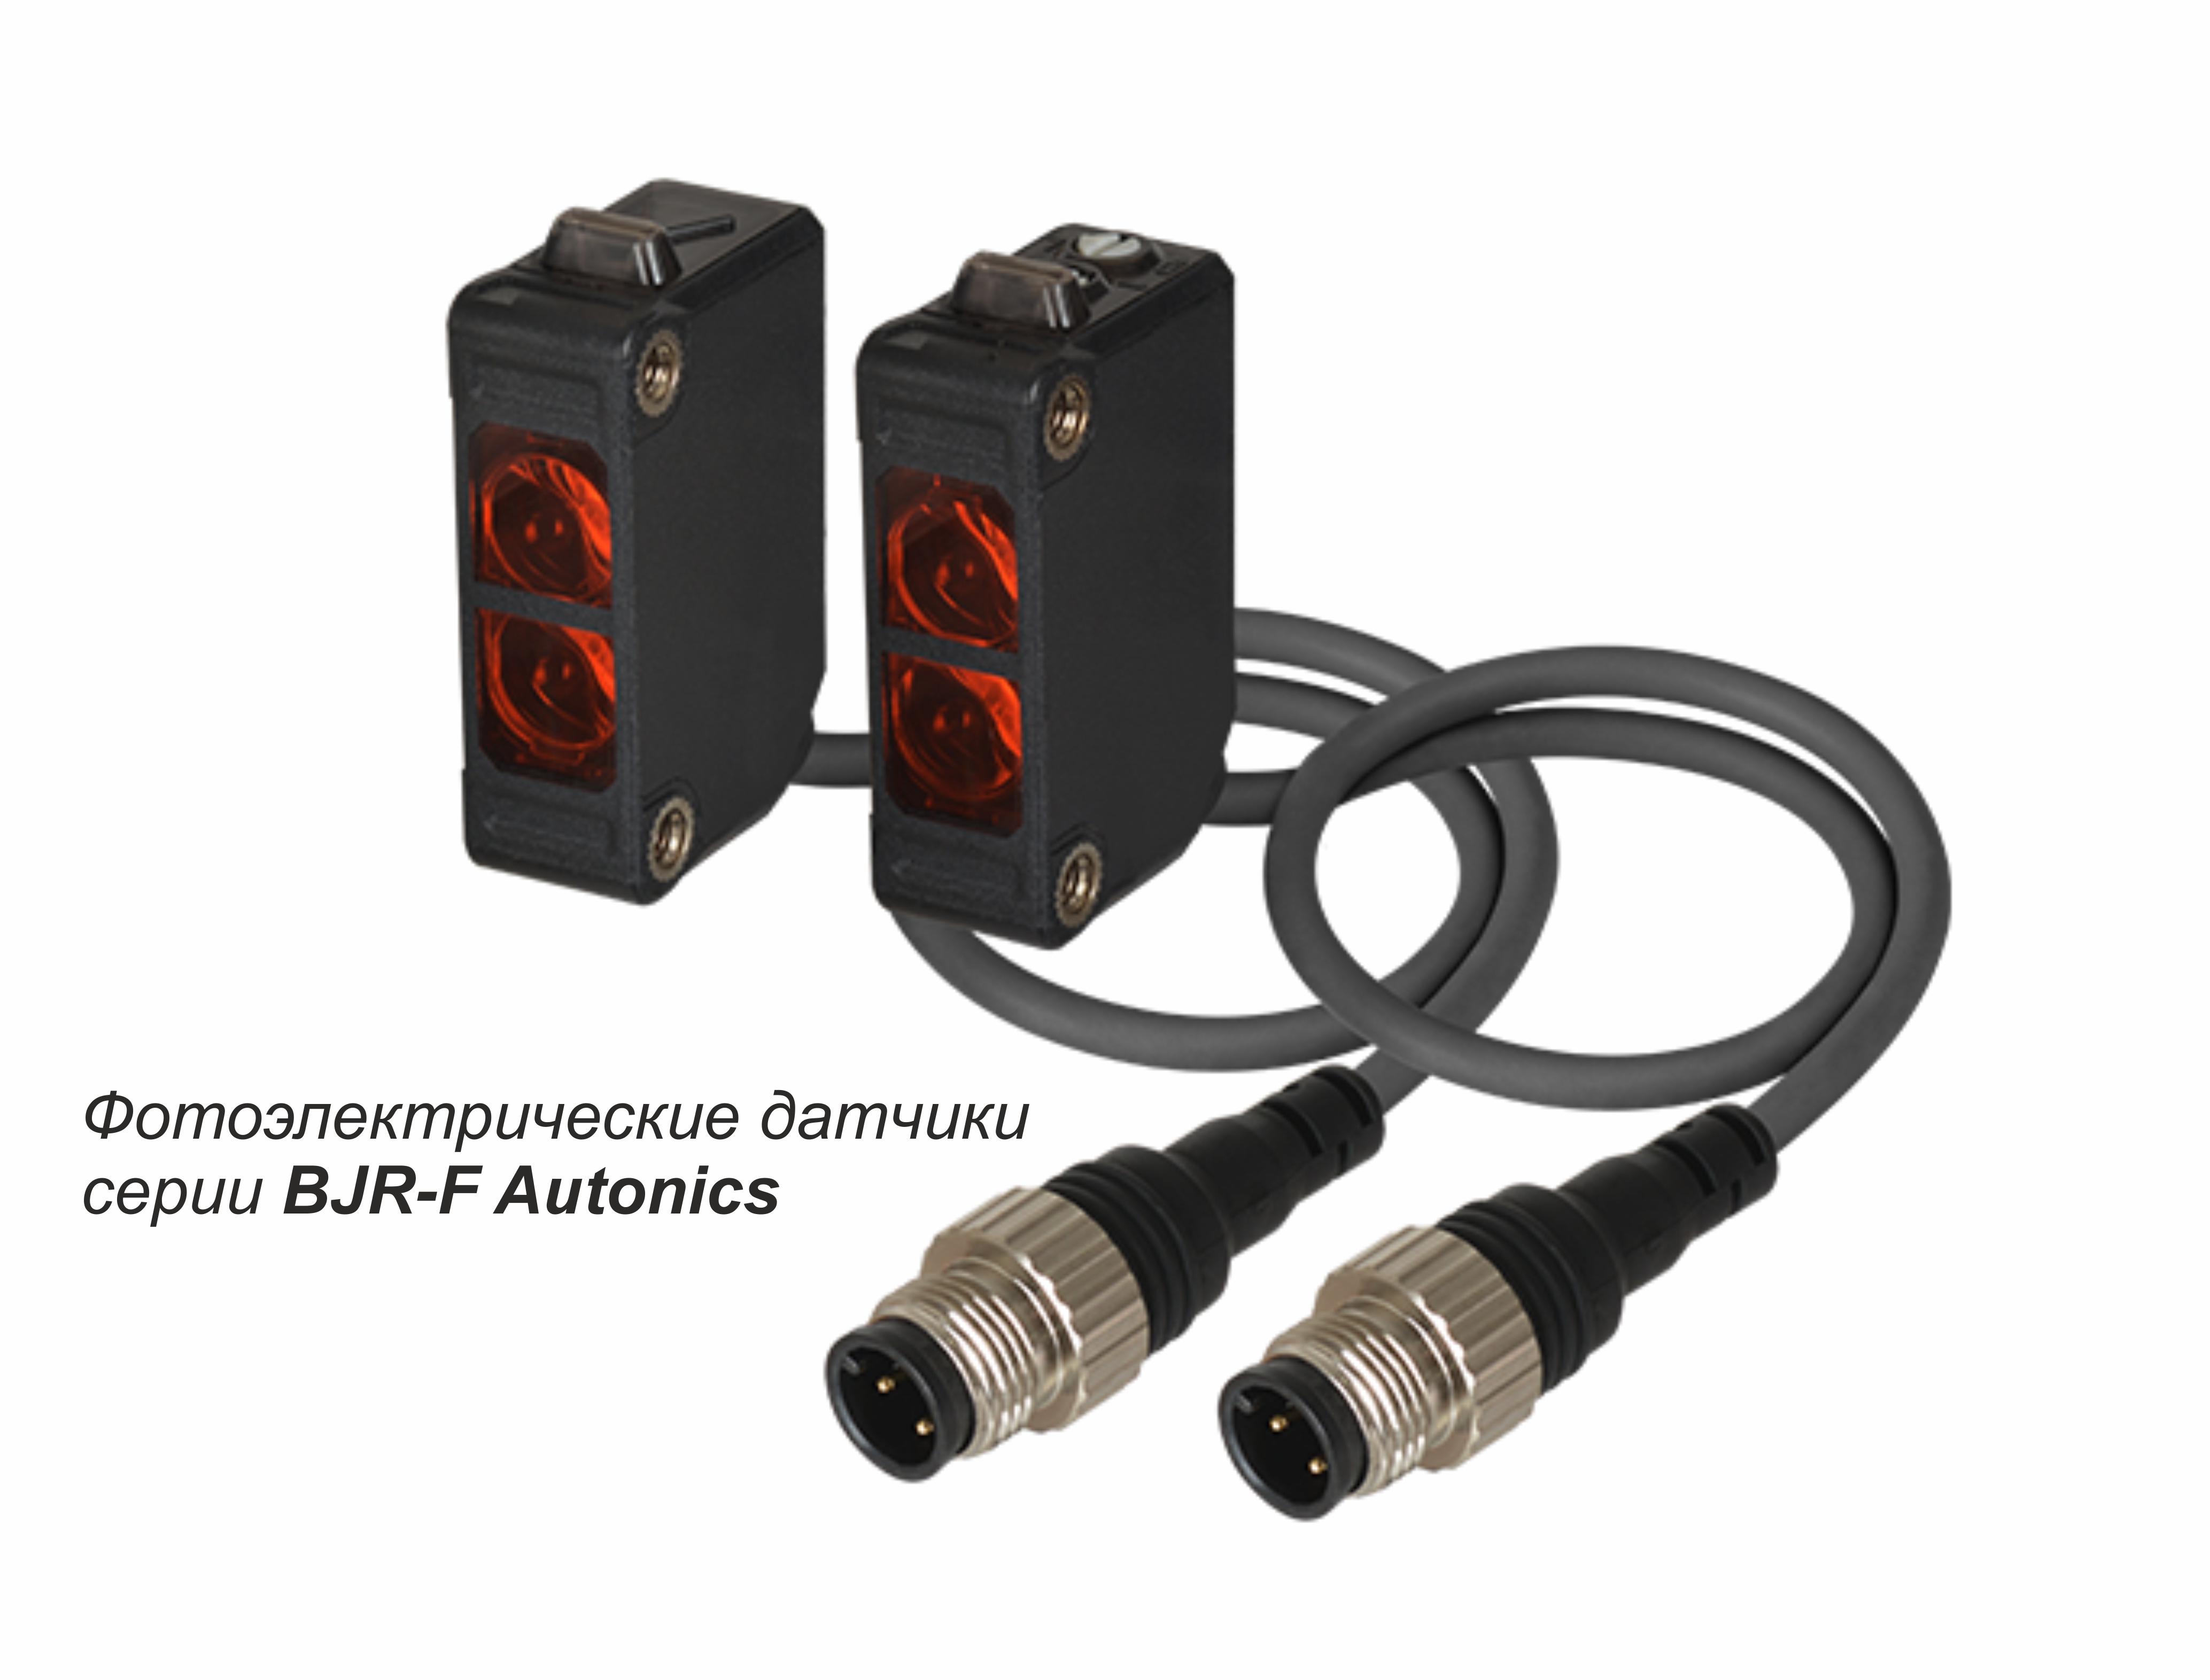 Компактные маслостойкие фотоэлектрические датчики серии BJR-F Autonics